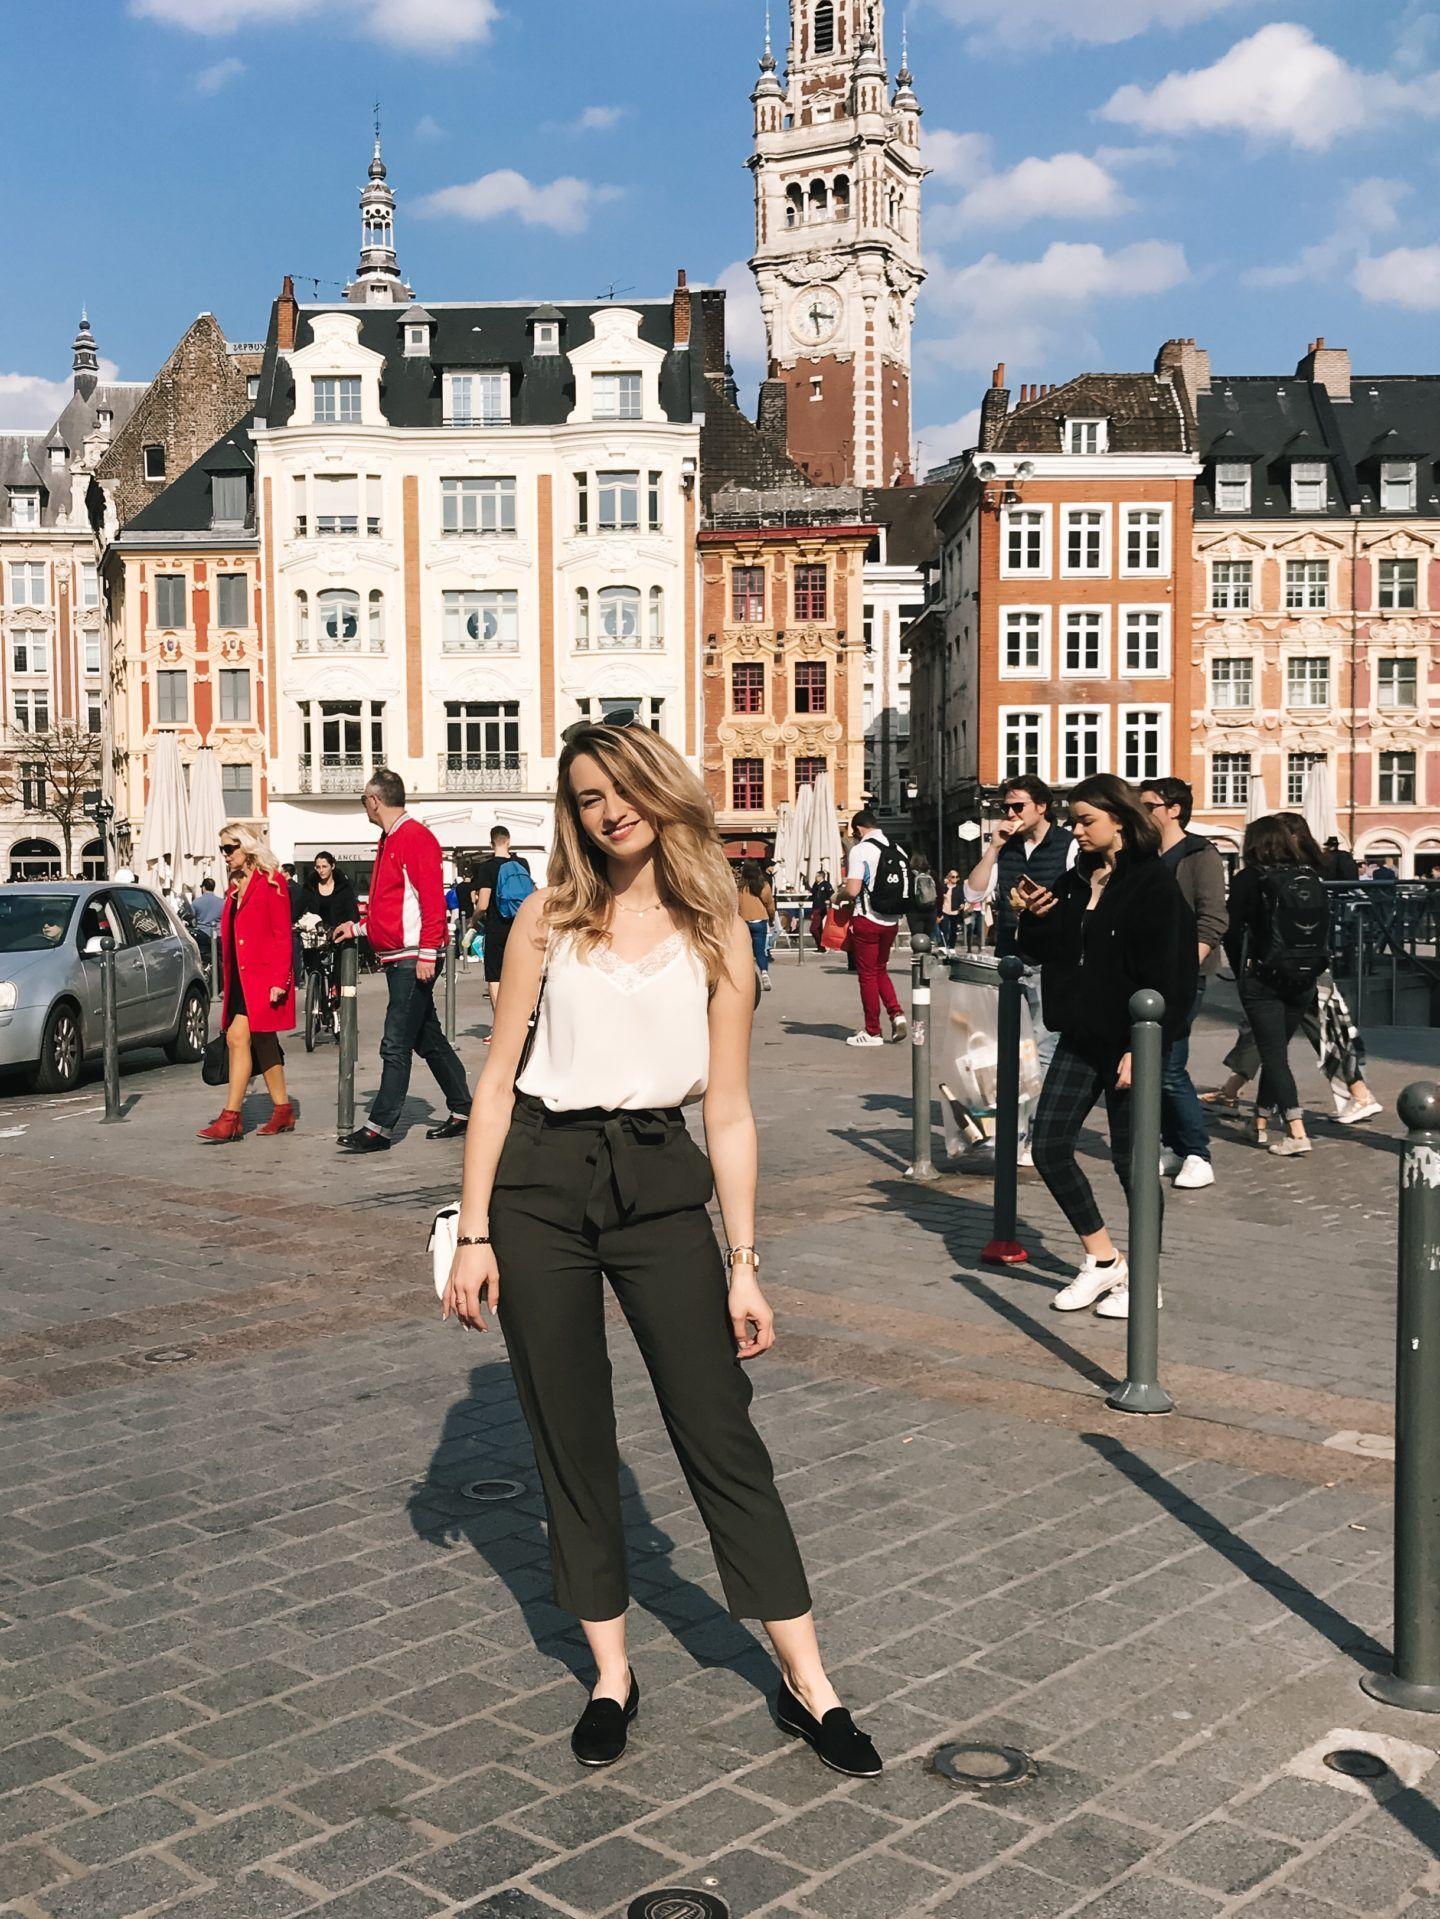 Stadtetrip Ein Madelswochenende In Lille Frankreich Travel Diary